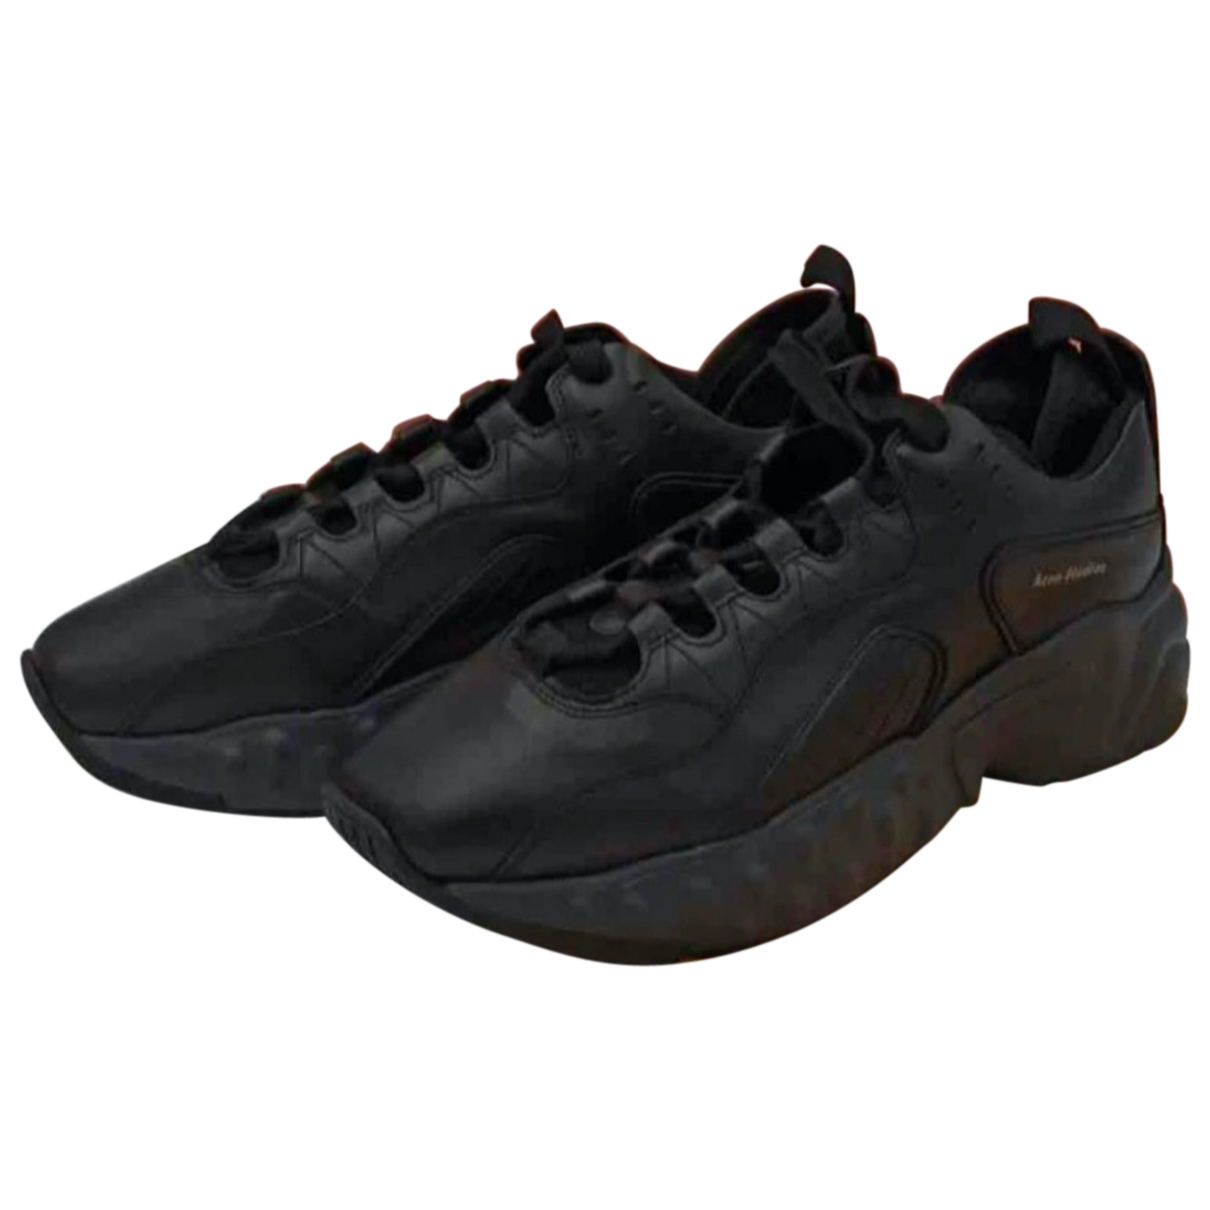 Acne Studios - Baskets Rockaway pour homme en cuir - noir